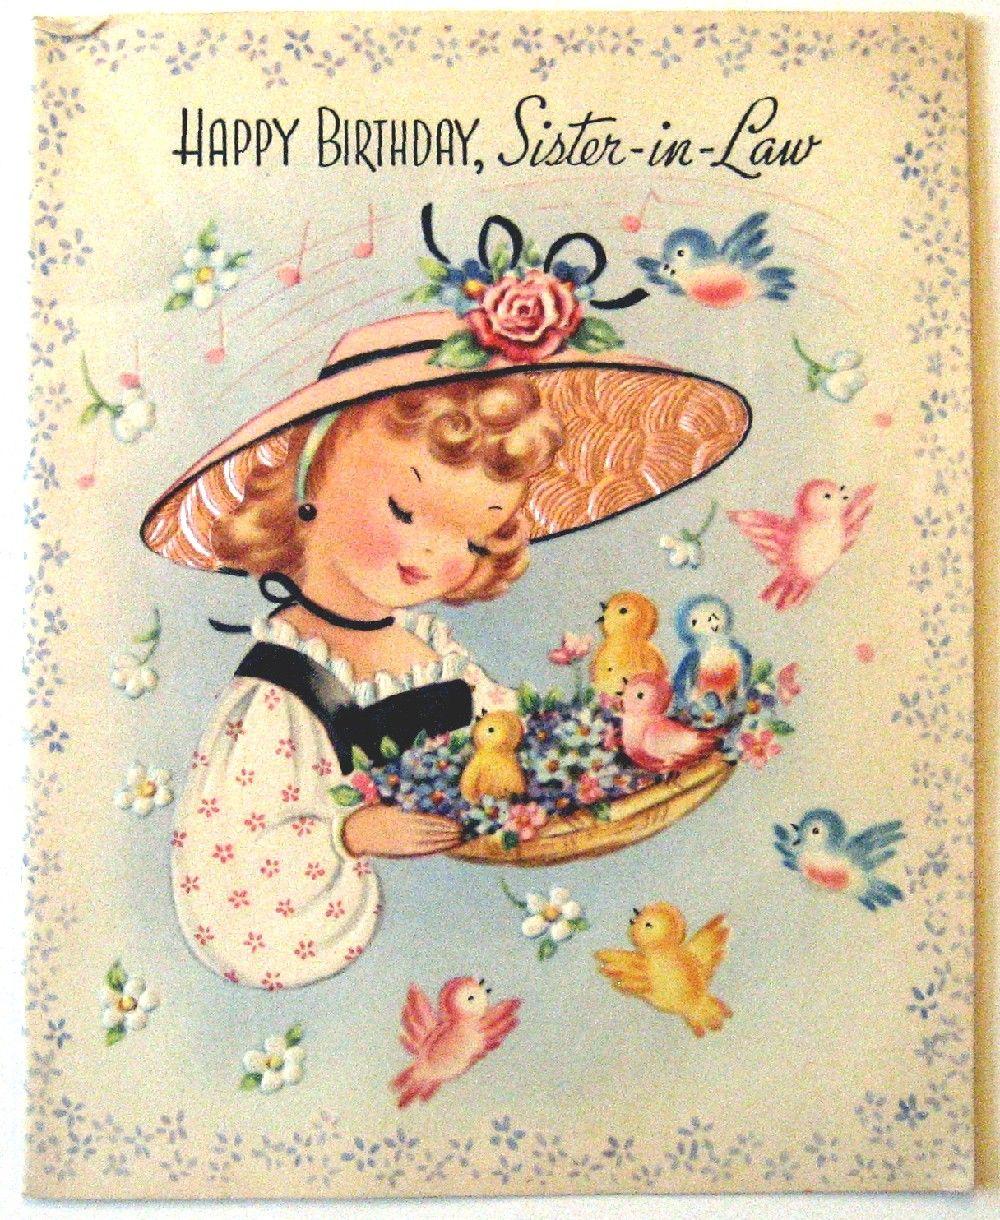 Vintage Birthday Girl With Her Little Birdies